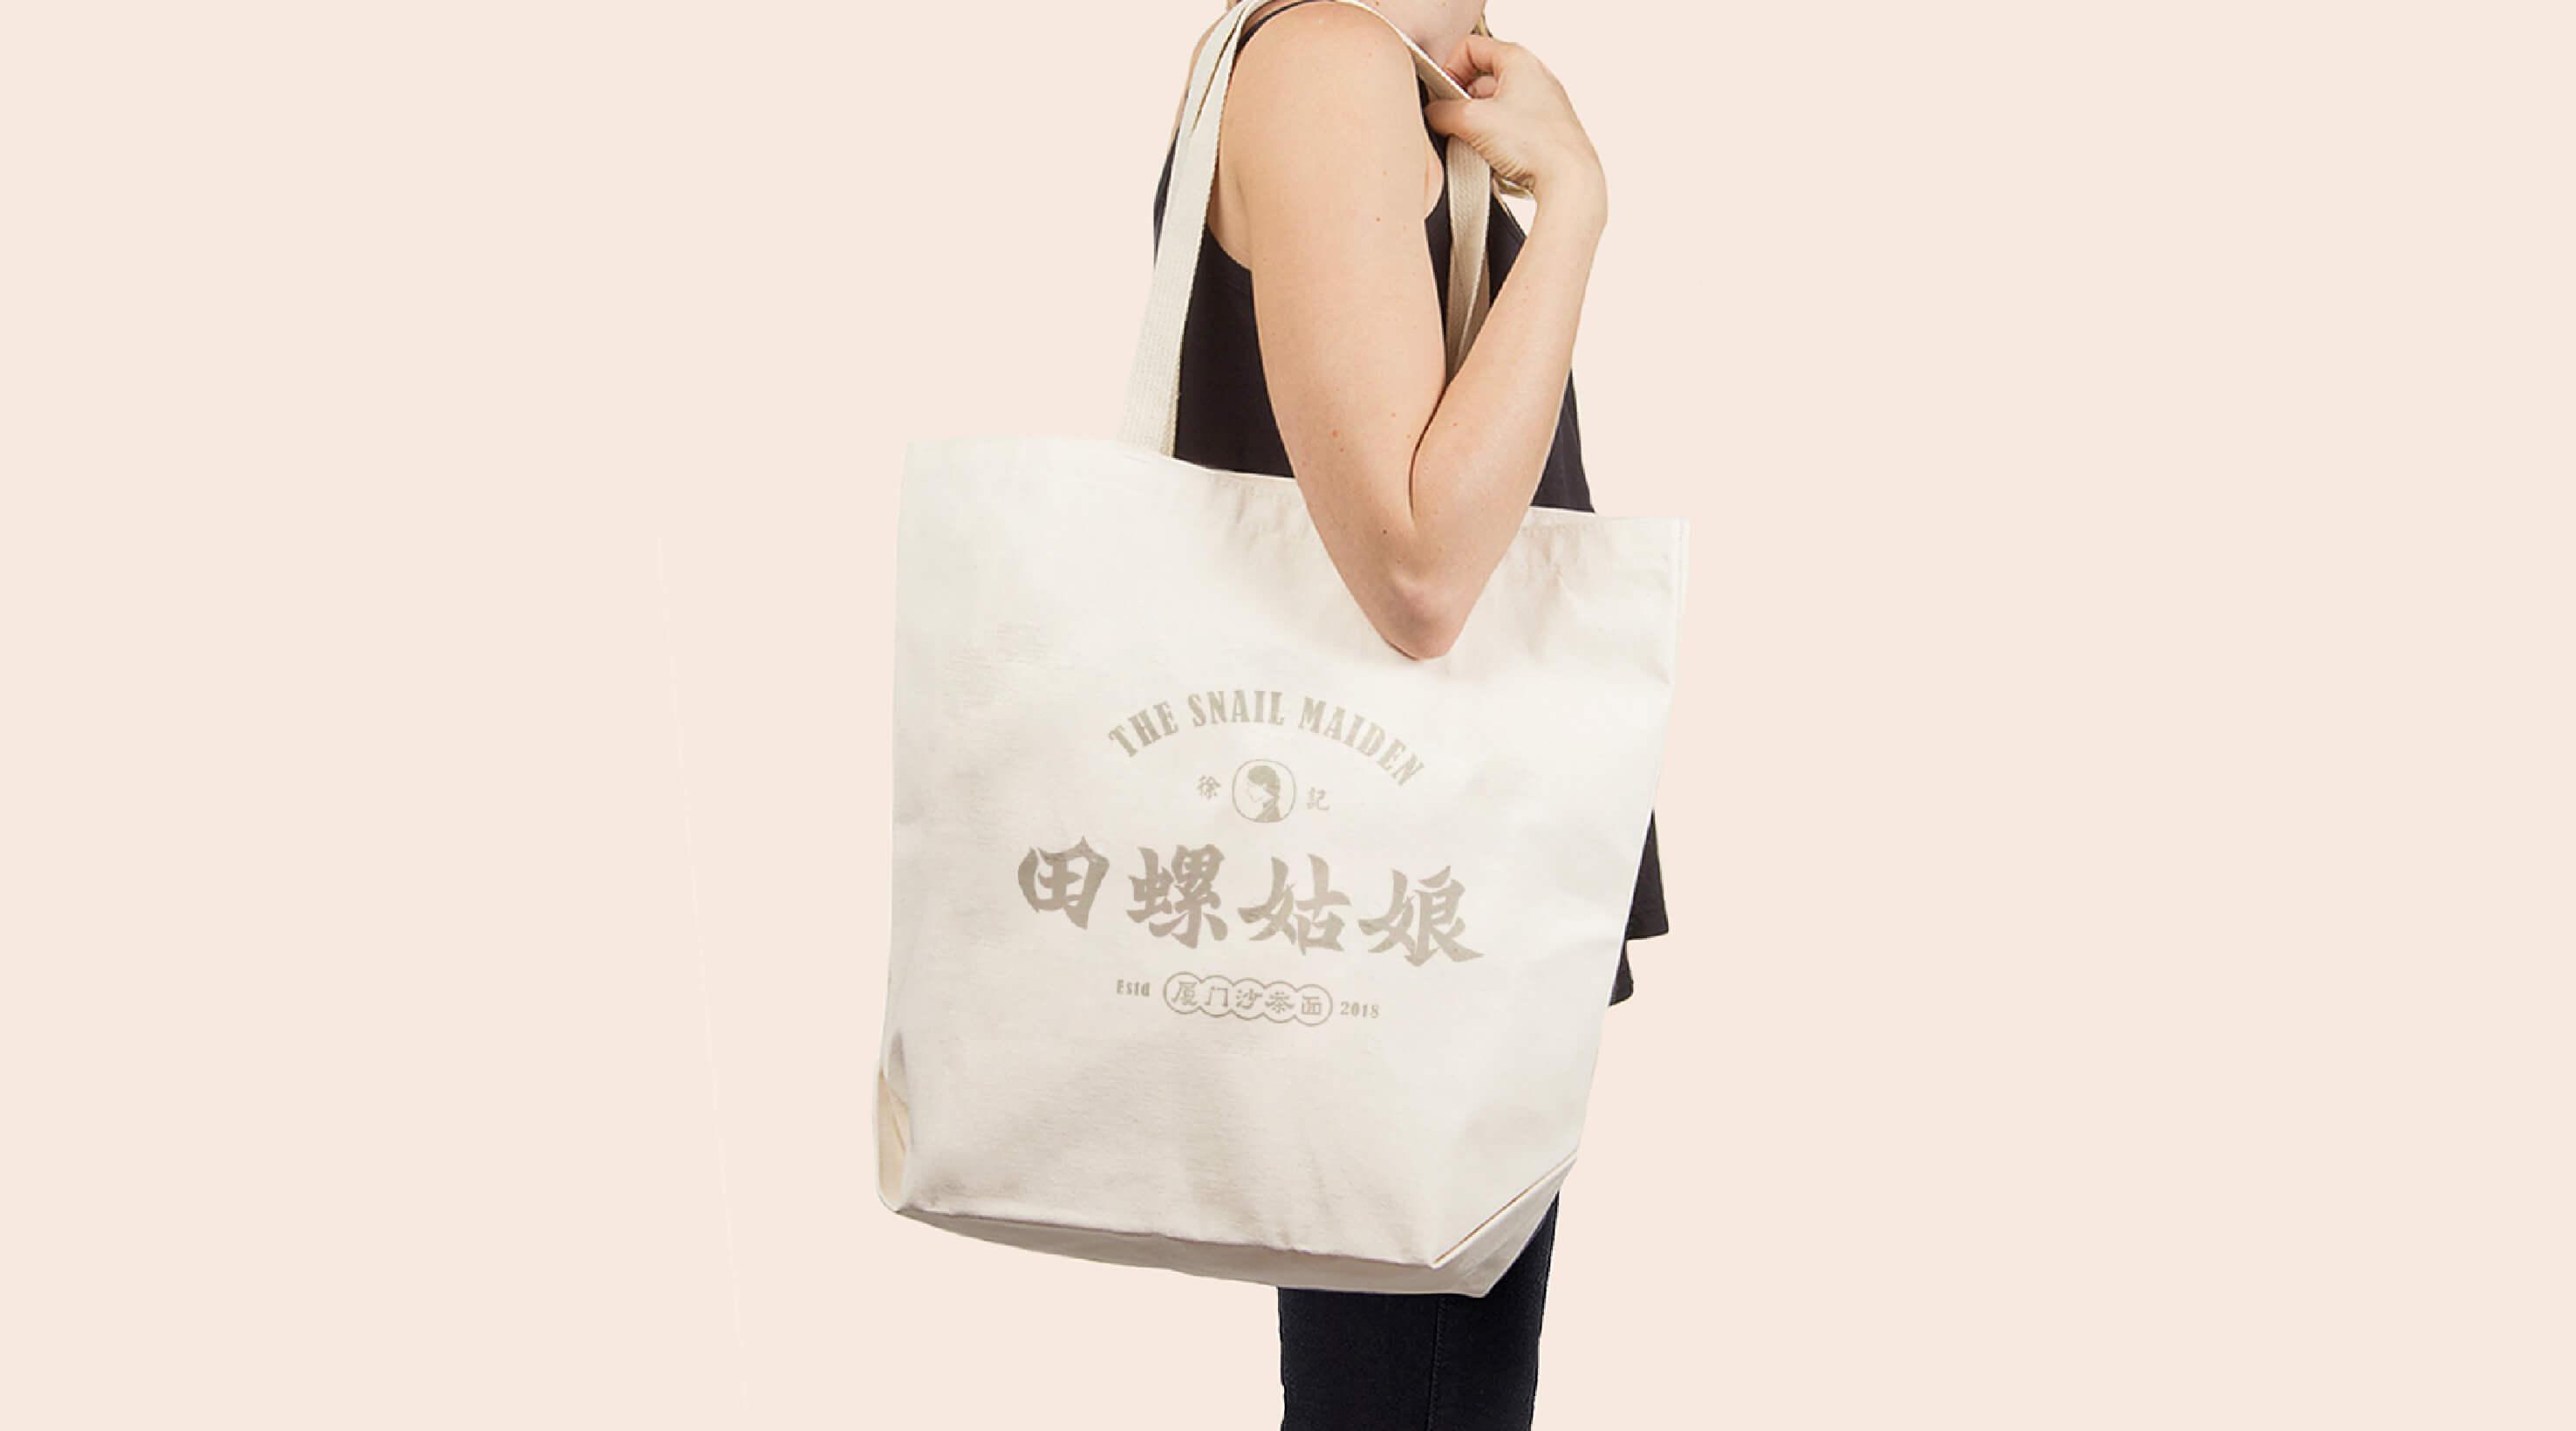 厦门沙茶面徐记田螺姑娘Snail Maiden品牌形象设计